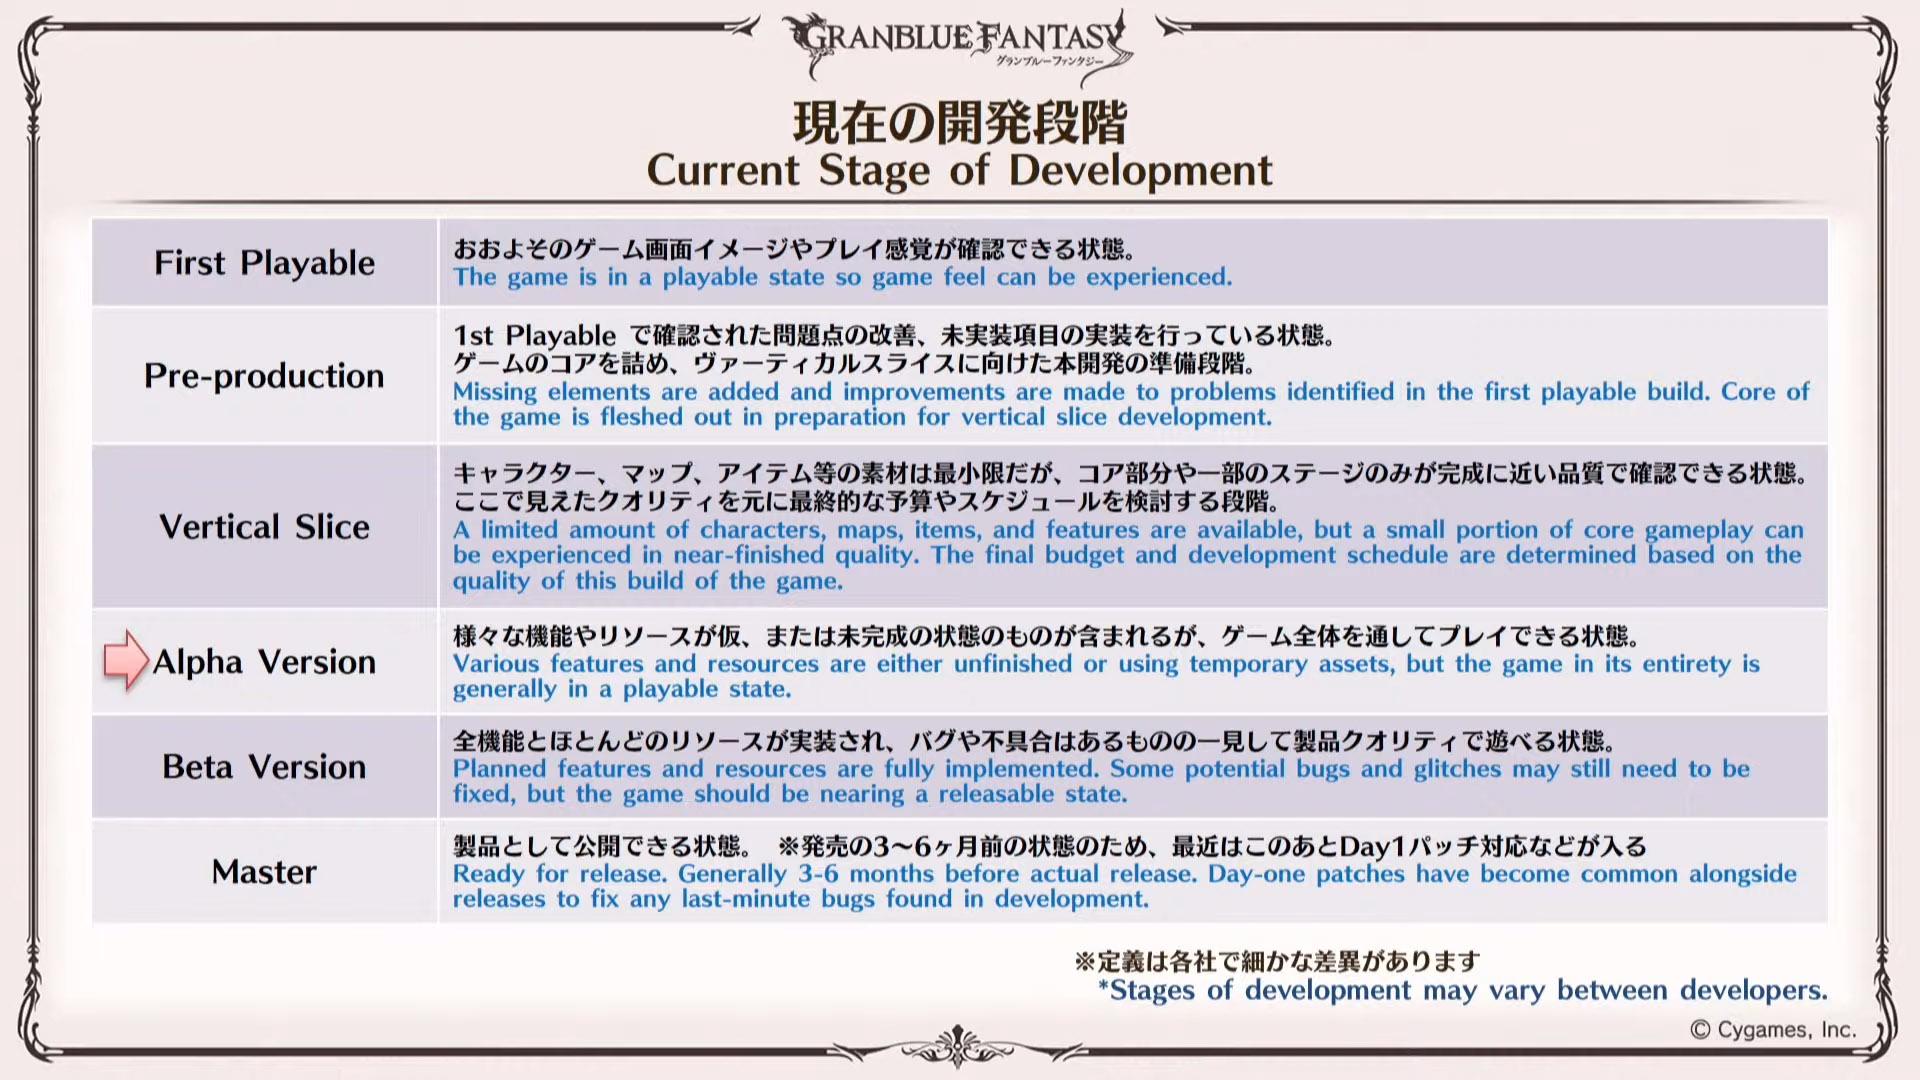 Relink's Développement